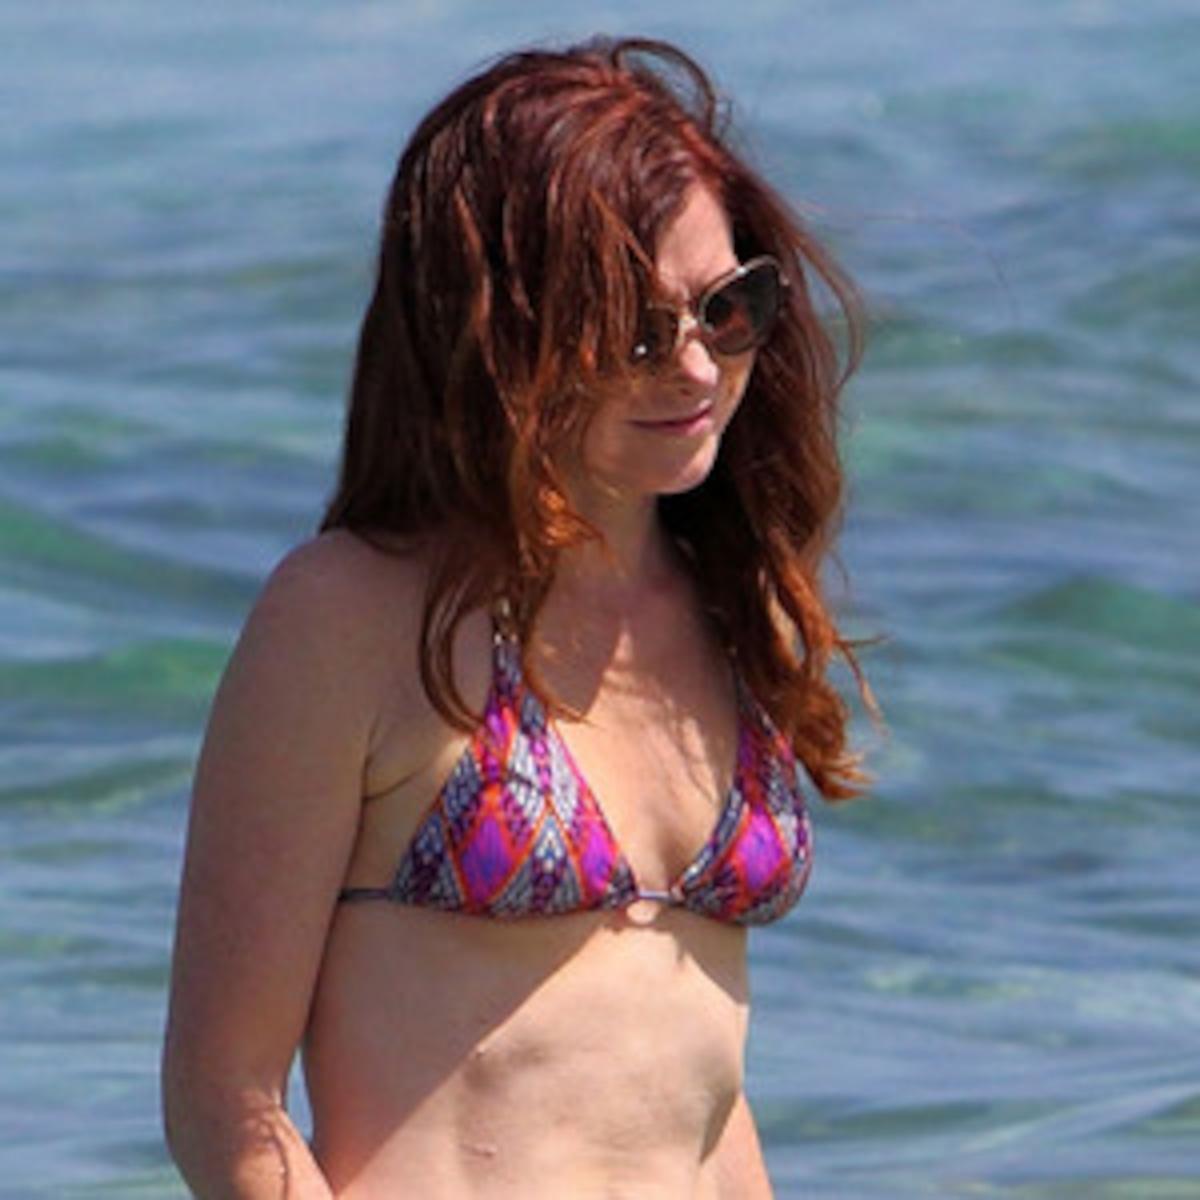 Alyson Hannigan Hot see alyson hannigan's super fit bikini body!   e! news australia